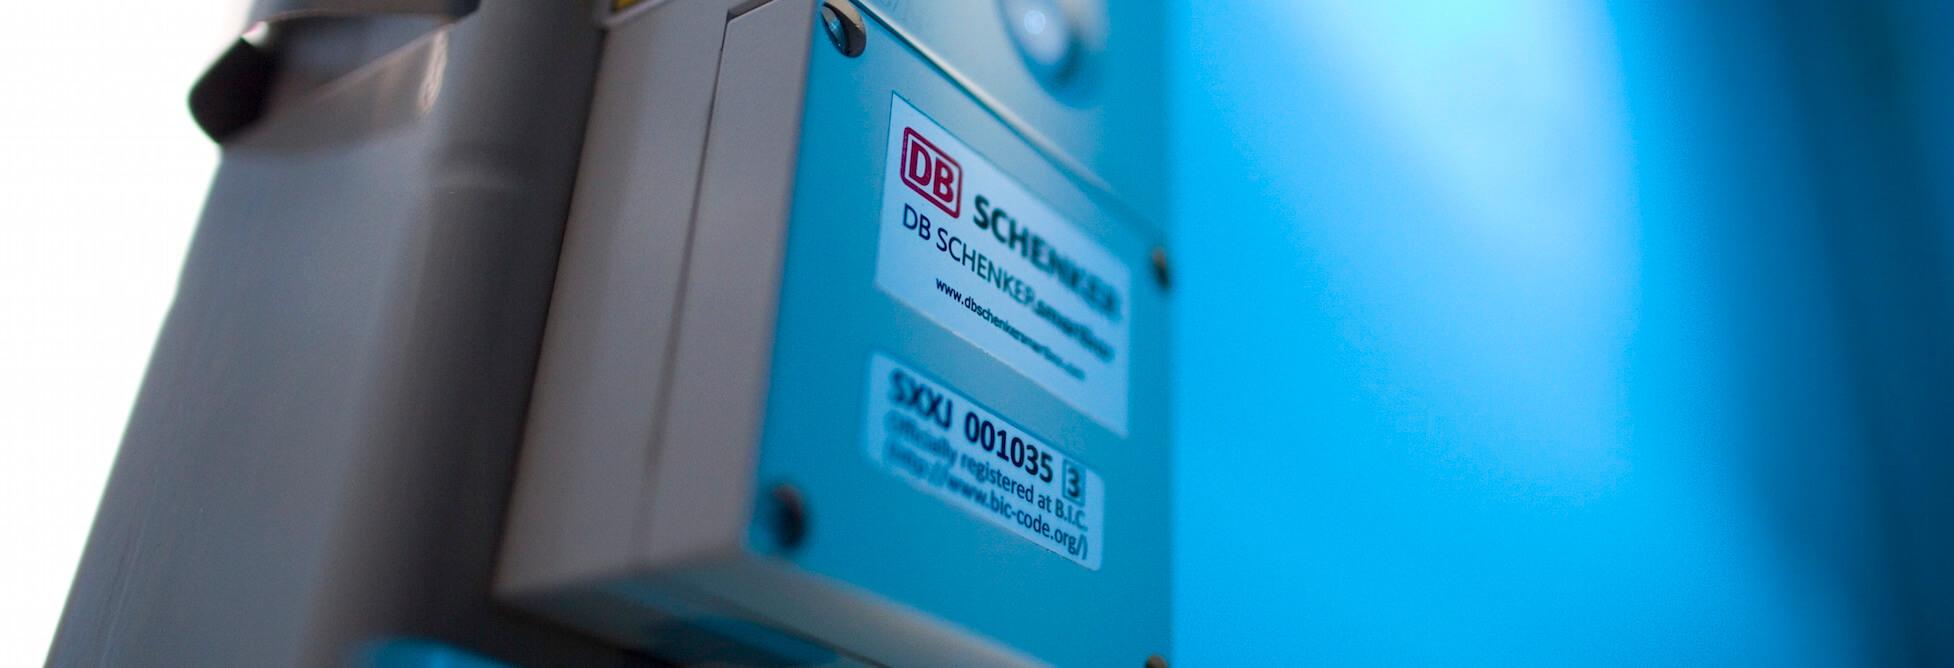 Smartbox-Familie macht DB Schenker zum Marktführer bei der Sensor-Technik